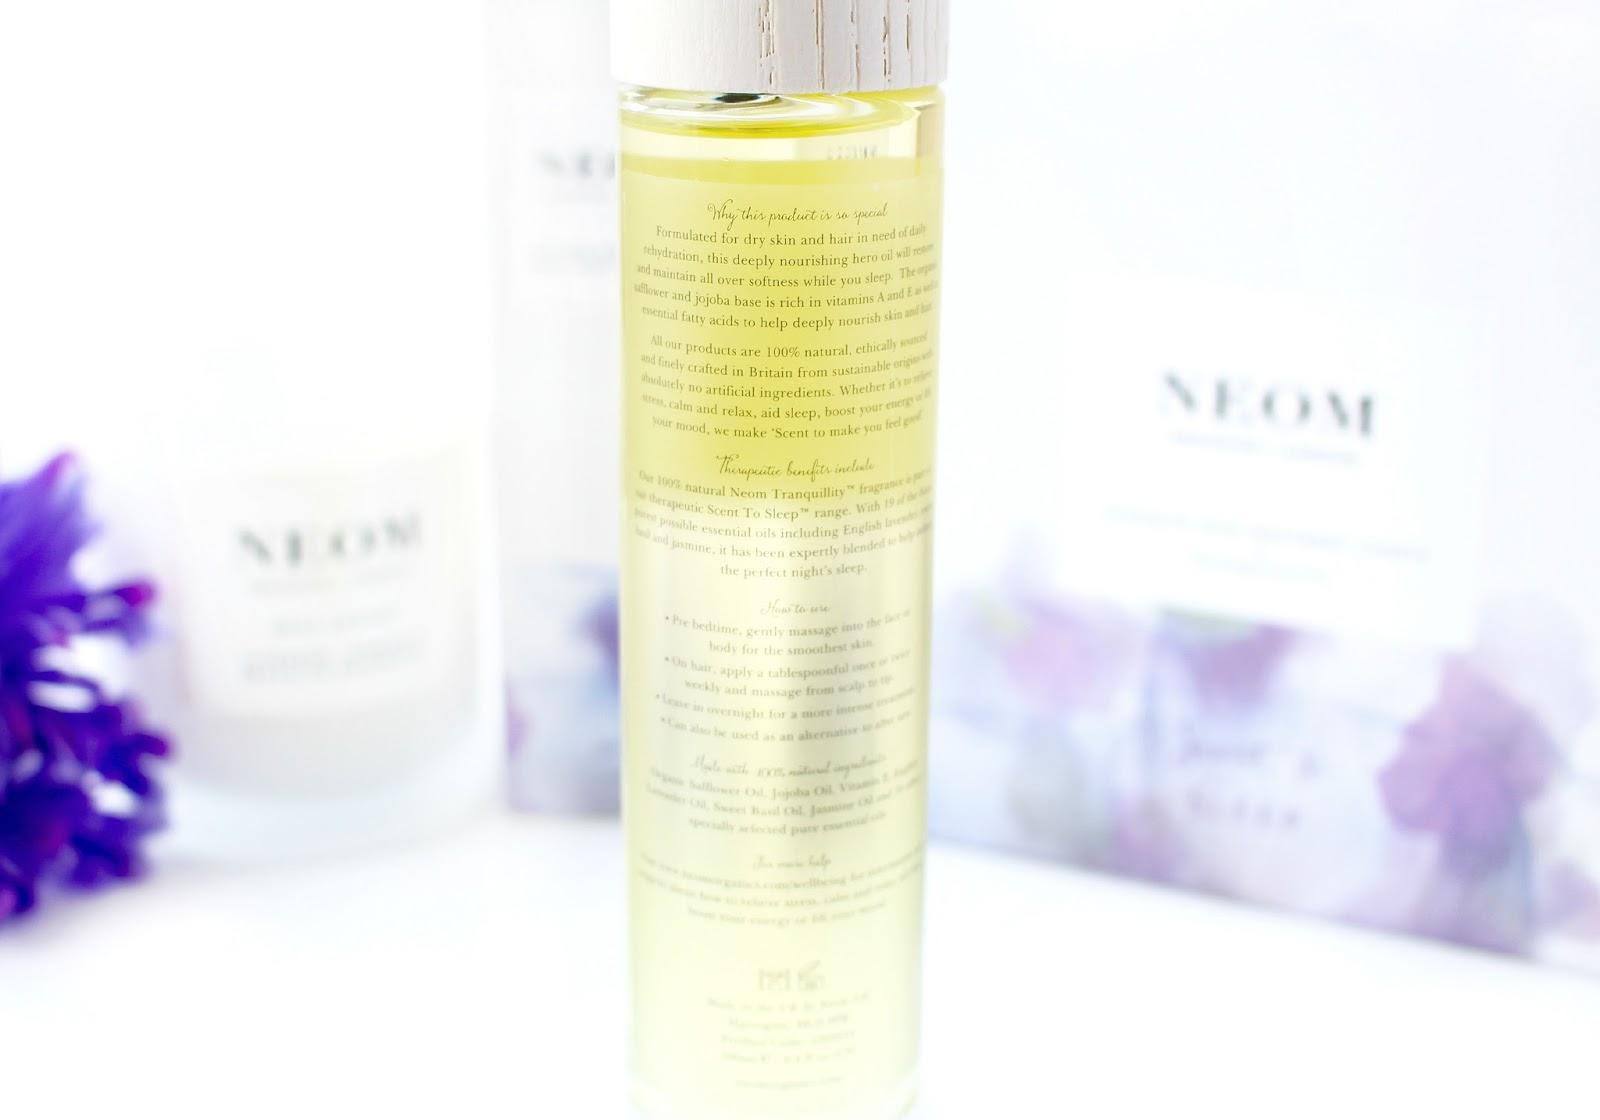 NEOM Intense Night Repair Face, Body & Hair Oil Review